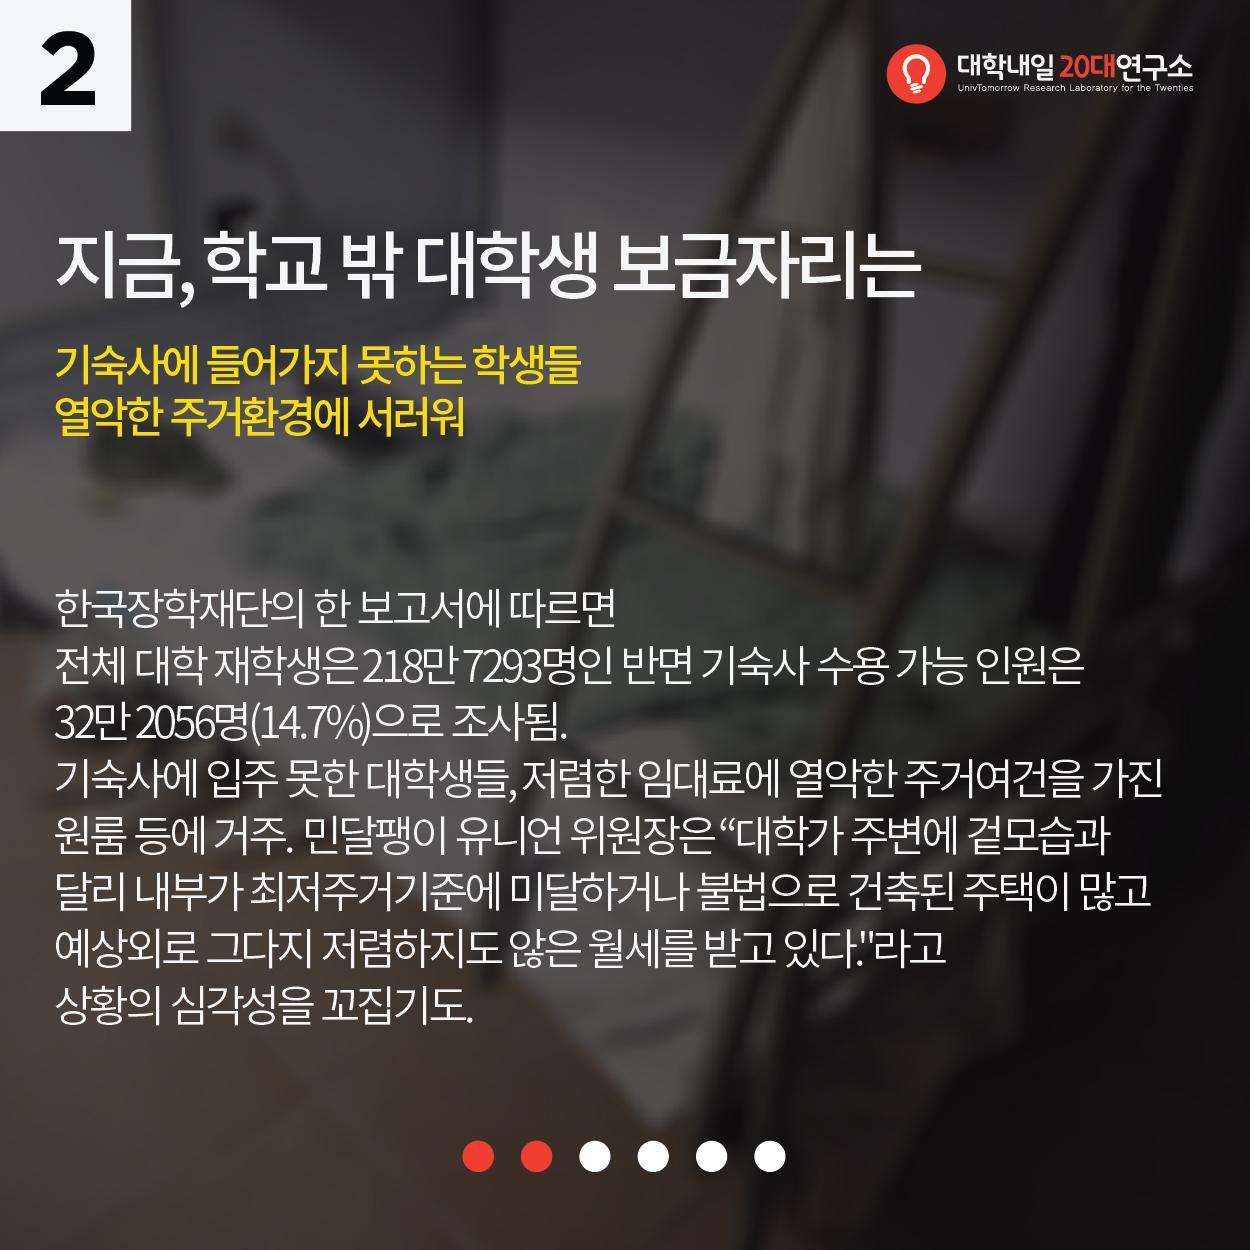 20대뉴스-2월-03